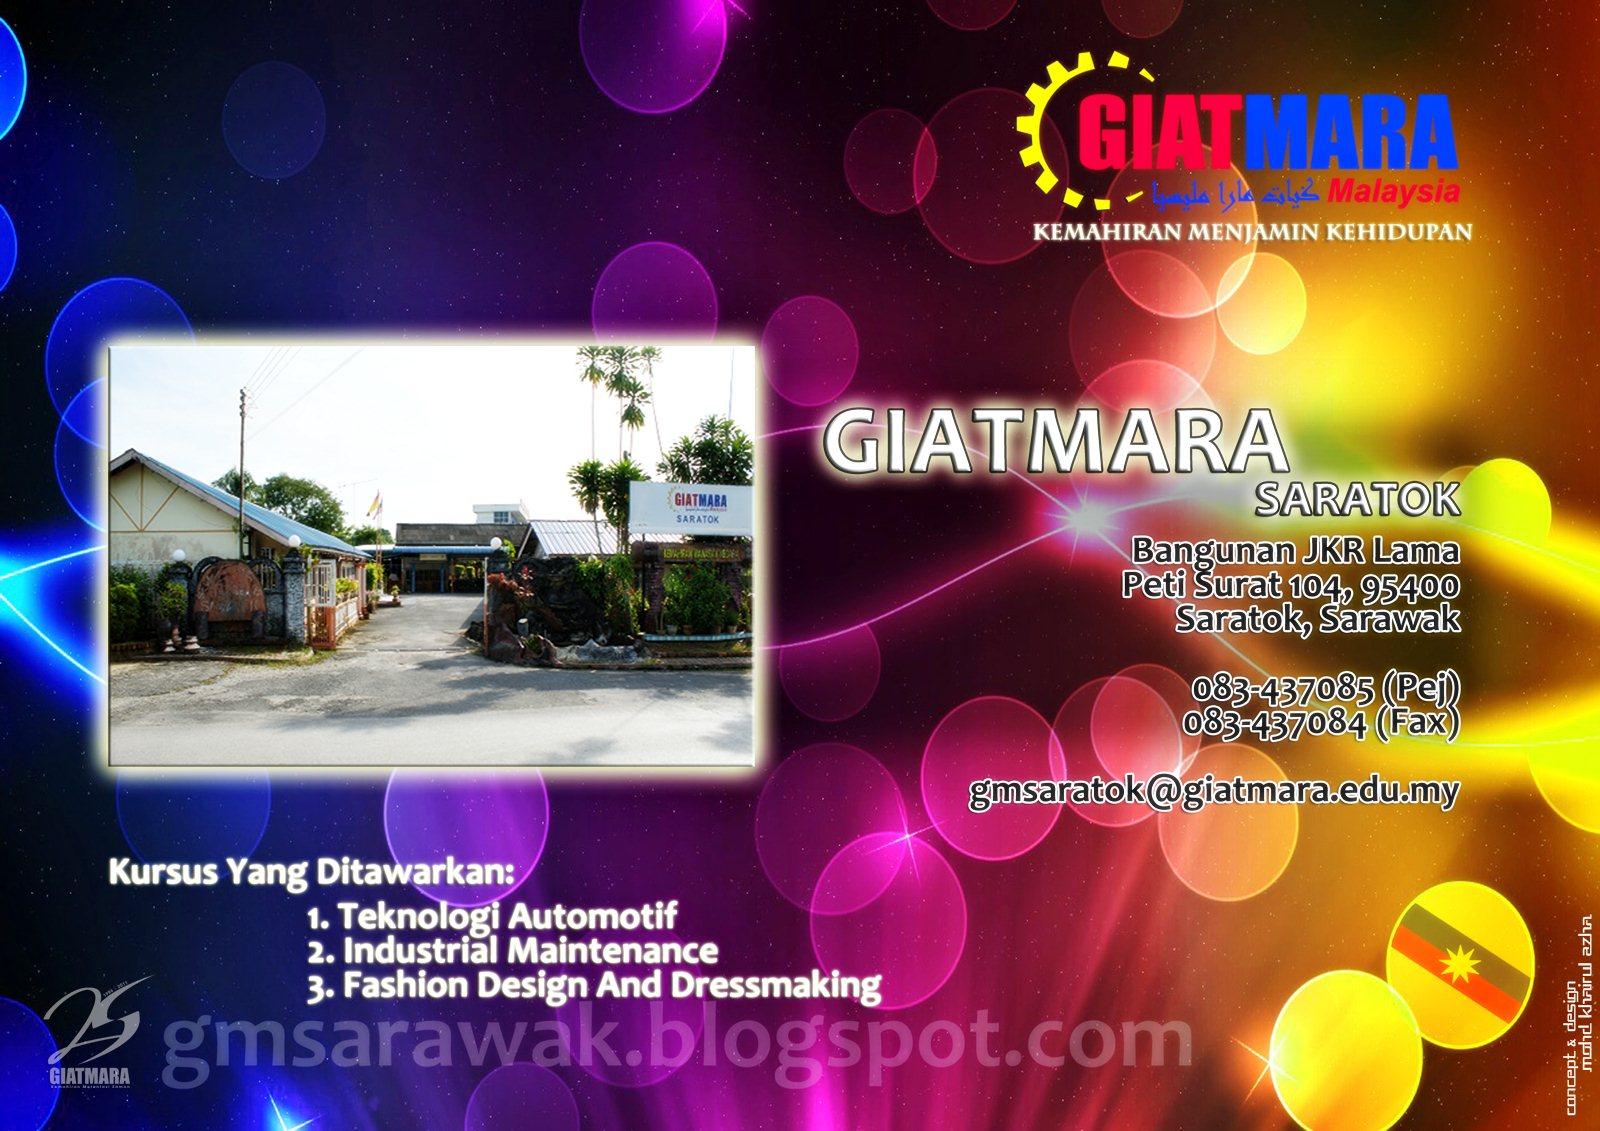 GIATMARA Tawau - Tawau Town, Sabah, Malaysia Fashion and dressmaking giatmara